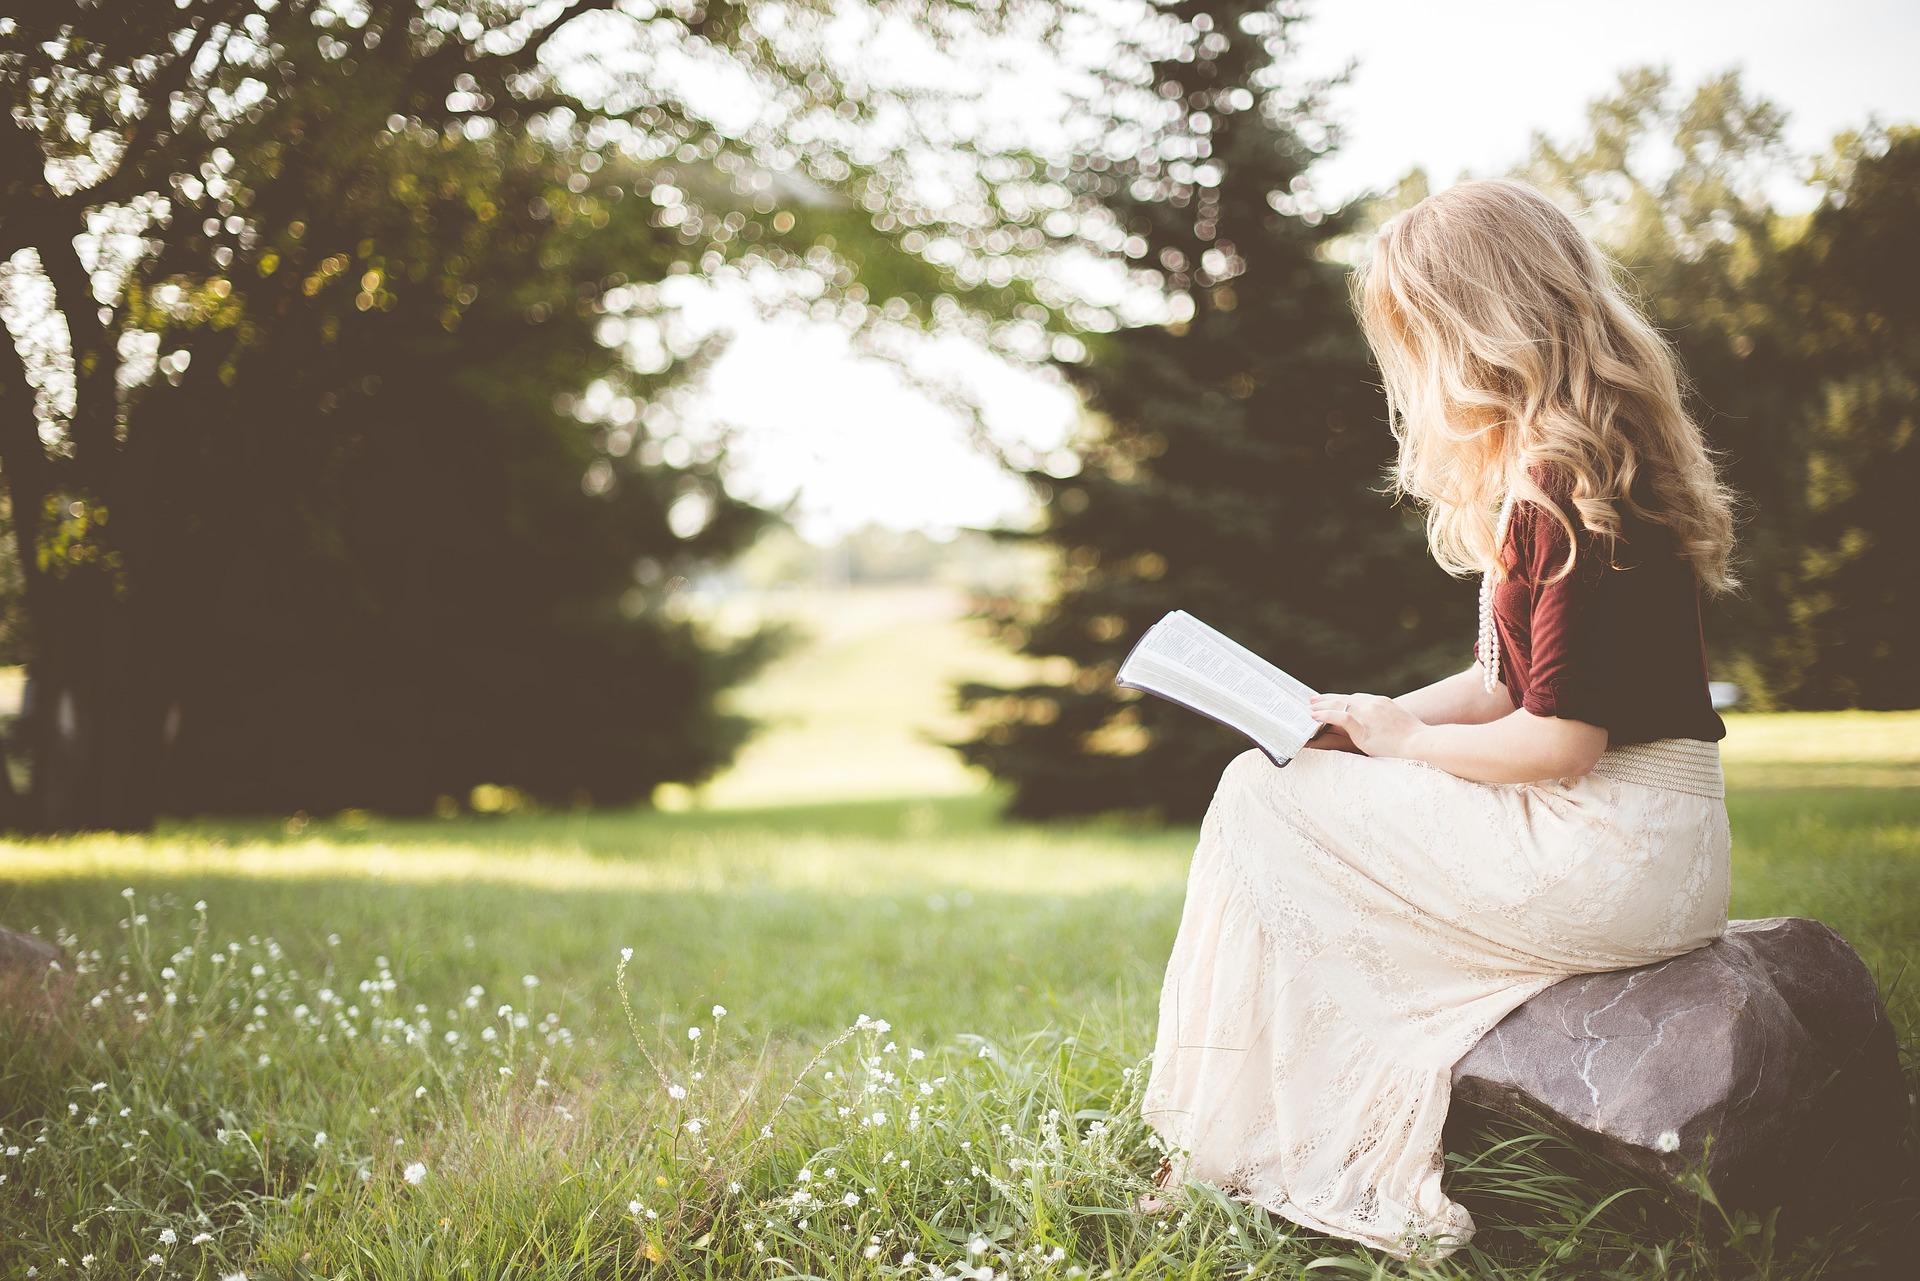 読書の3つのメリット:単純に楽しい・精神安定・文章力UP